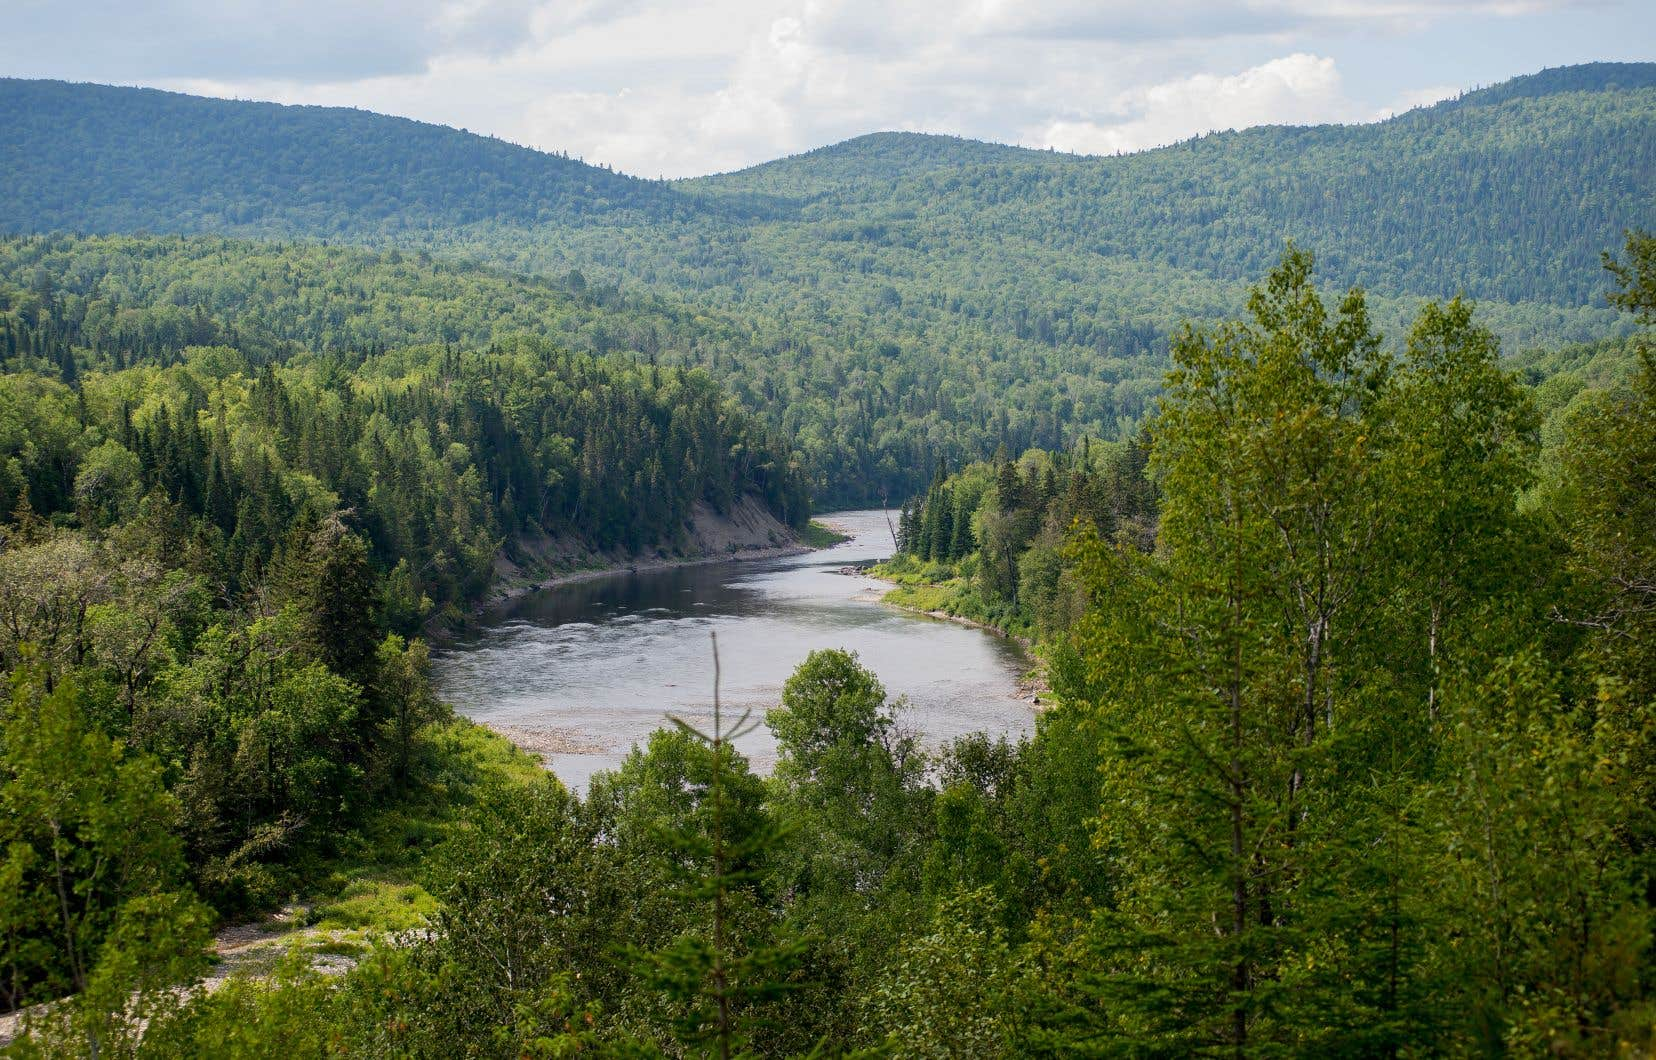 Le gouvernement du Québec compte ouvrir les lacs et les rivières aux projets d'exploration pétrolière et gazière.